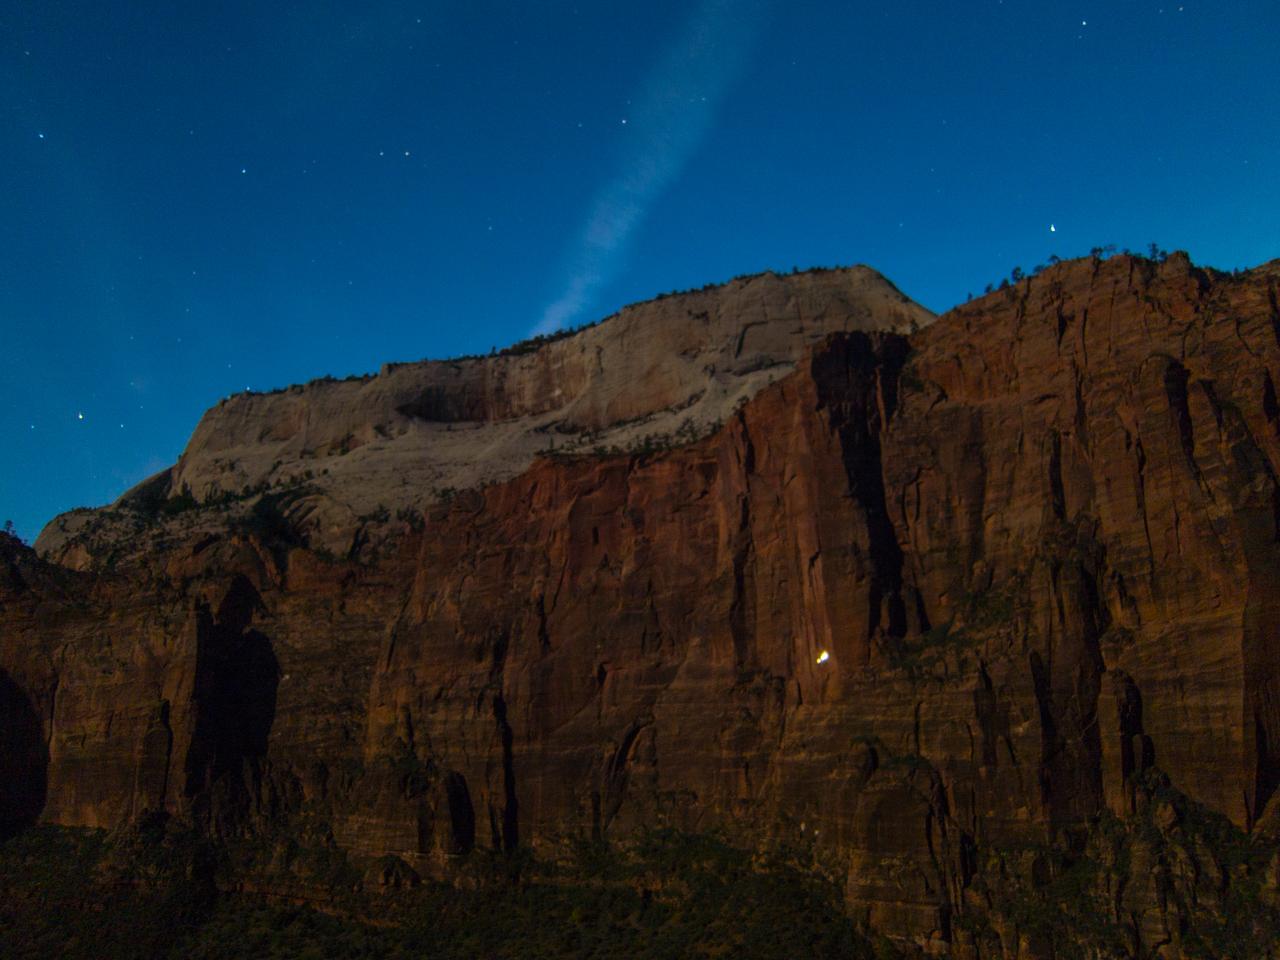 Climbers on Moonlight Buttress